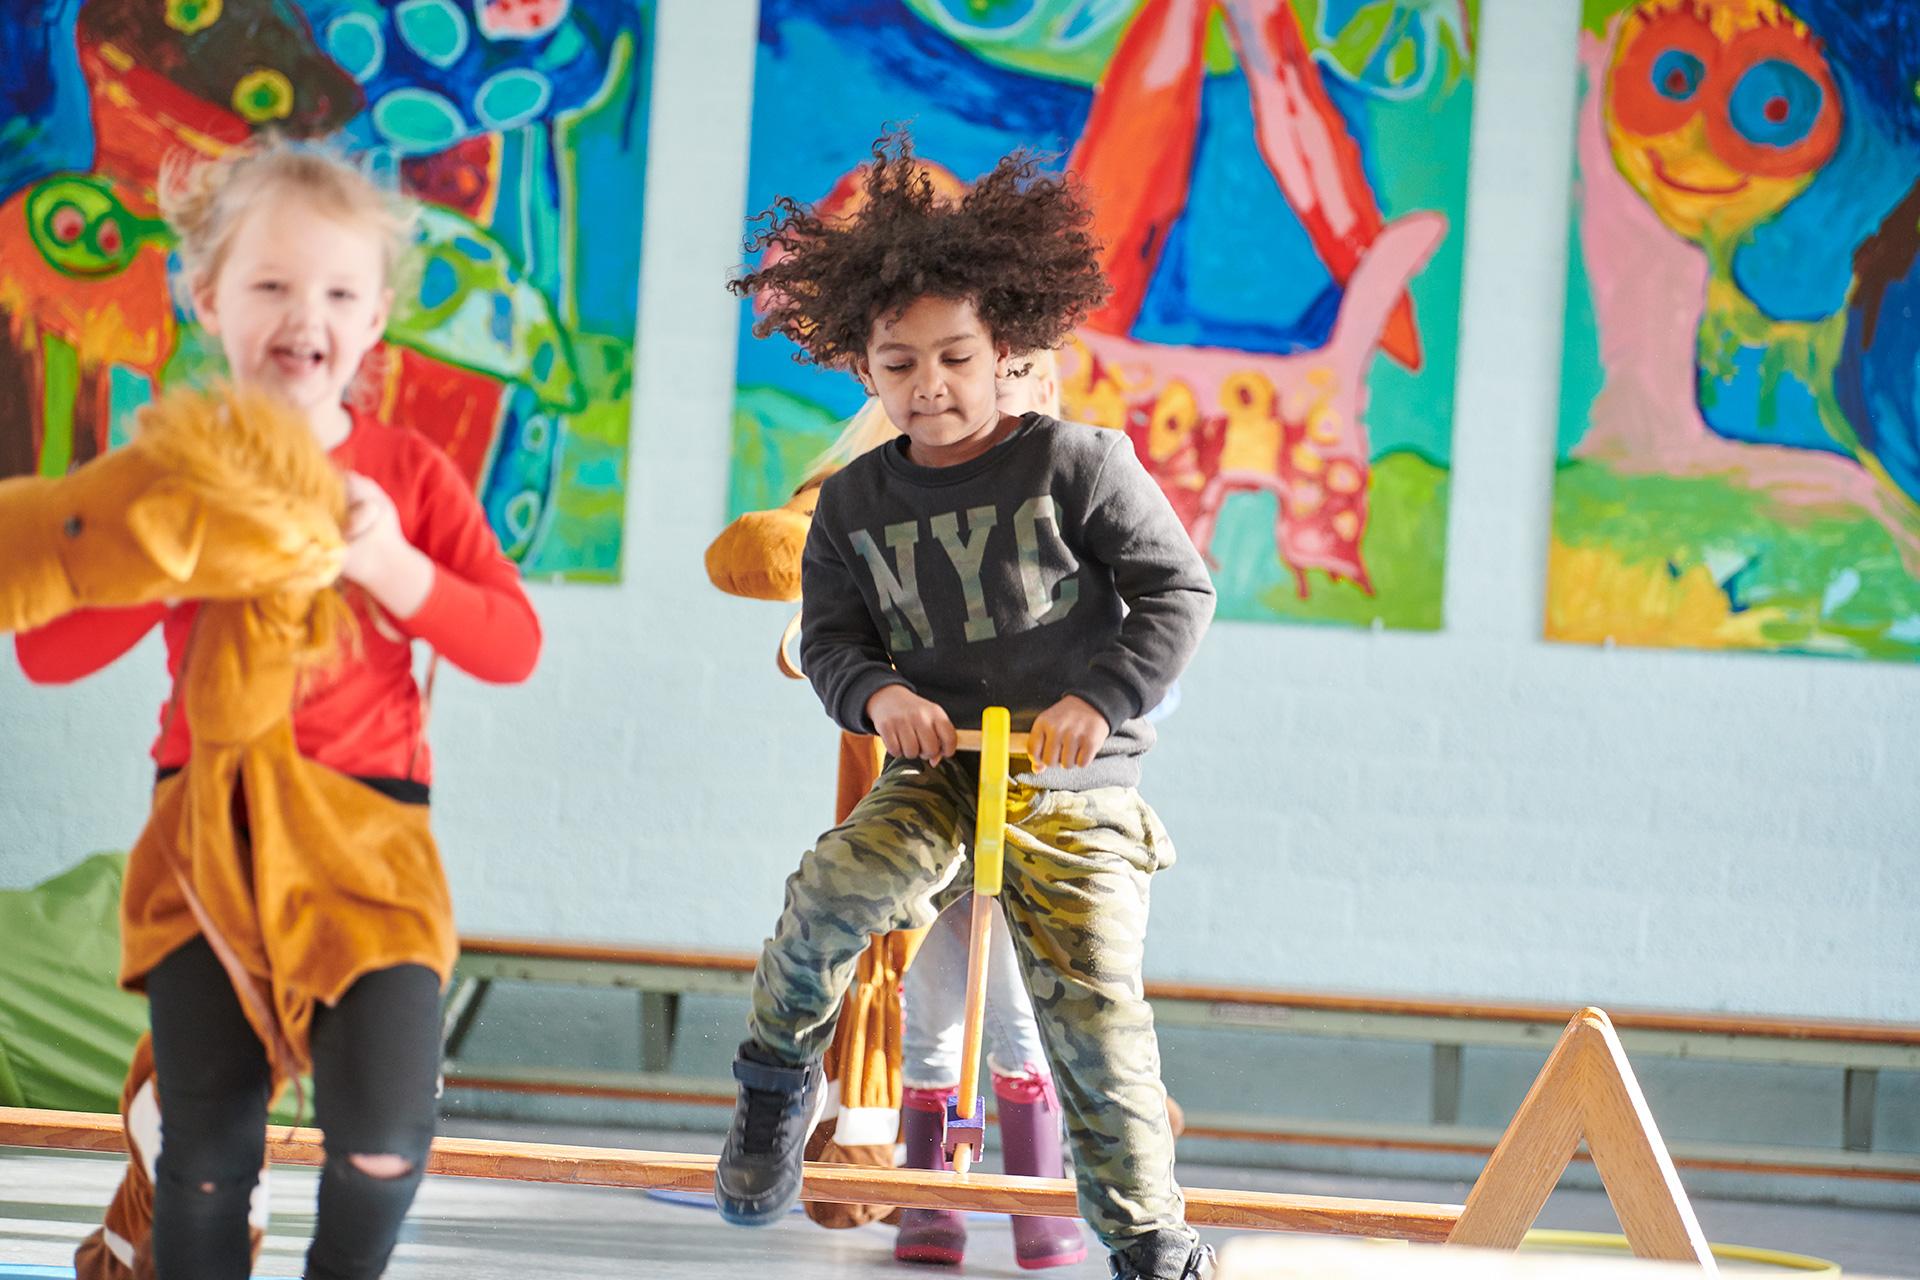 Scholen 8 Juni Definitief Weer Onderwijs Op Alle Dagen